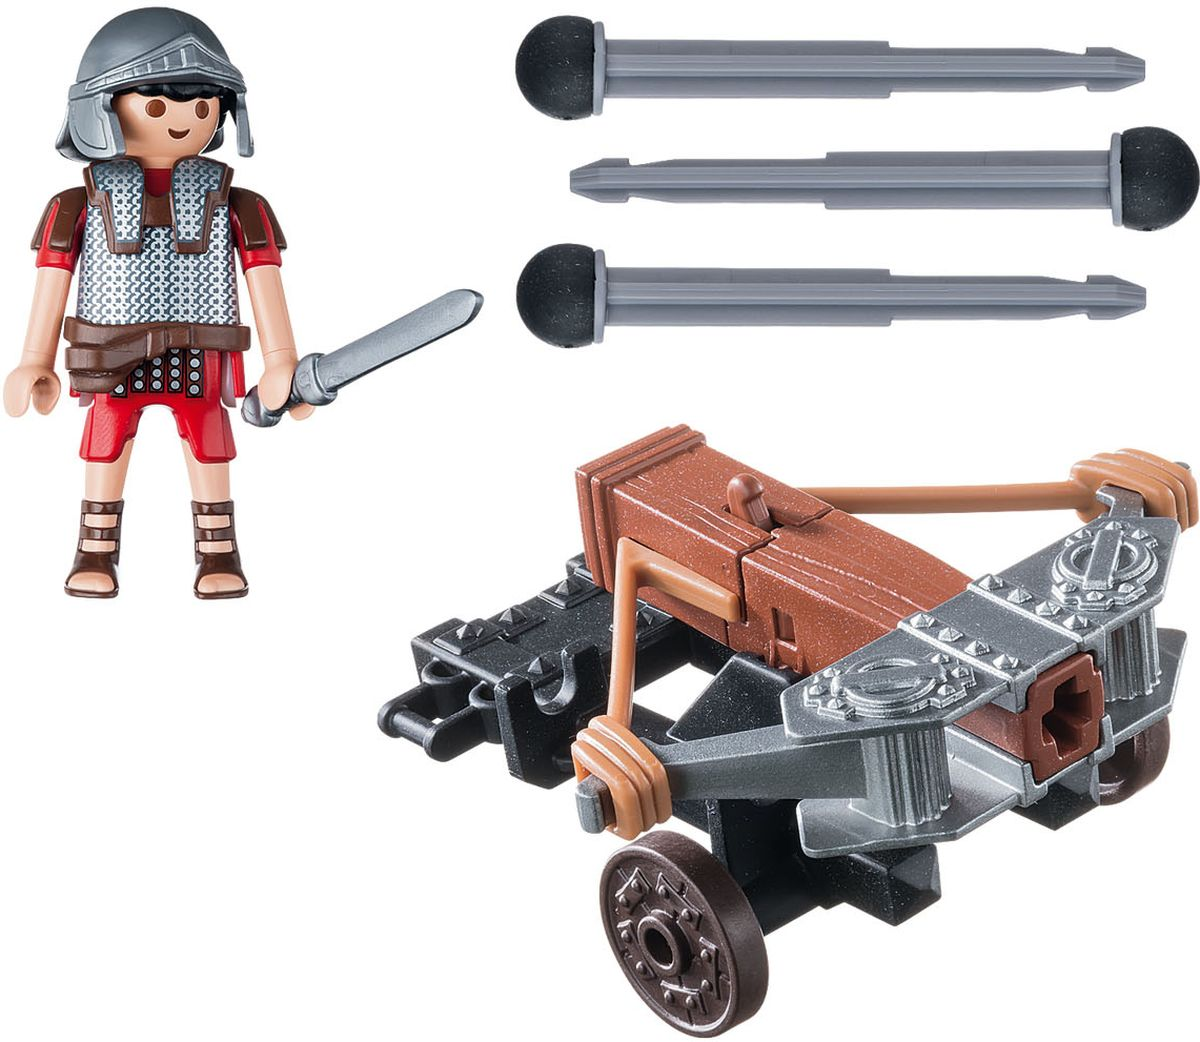 Playmobil Игровой набор Римляне  египтяне Легионер с баллистой